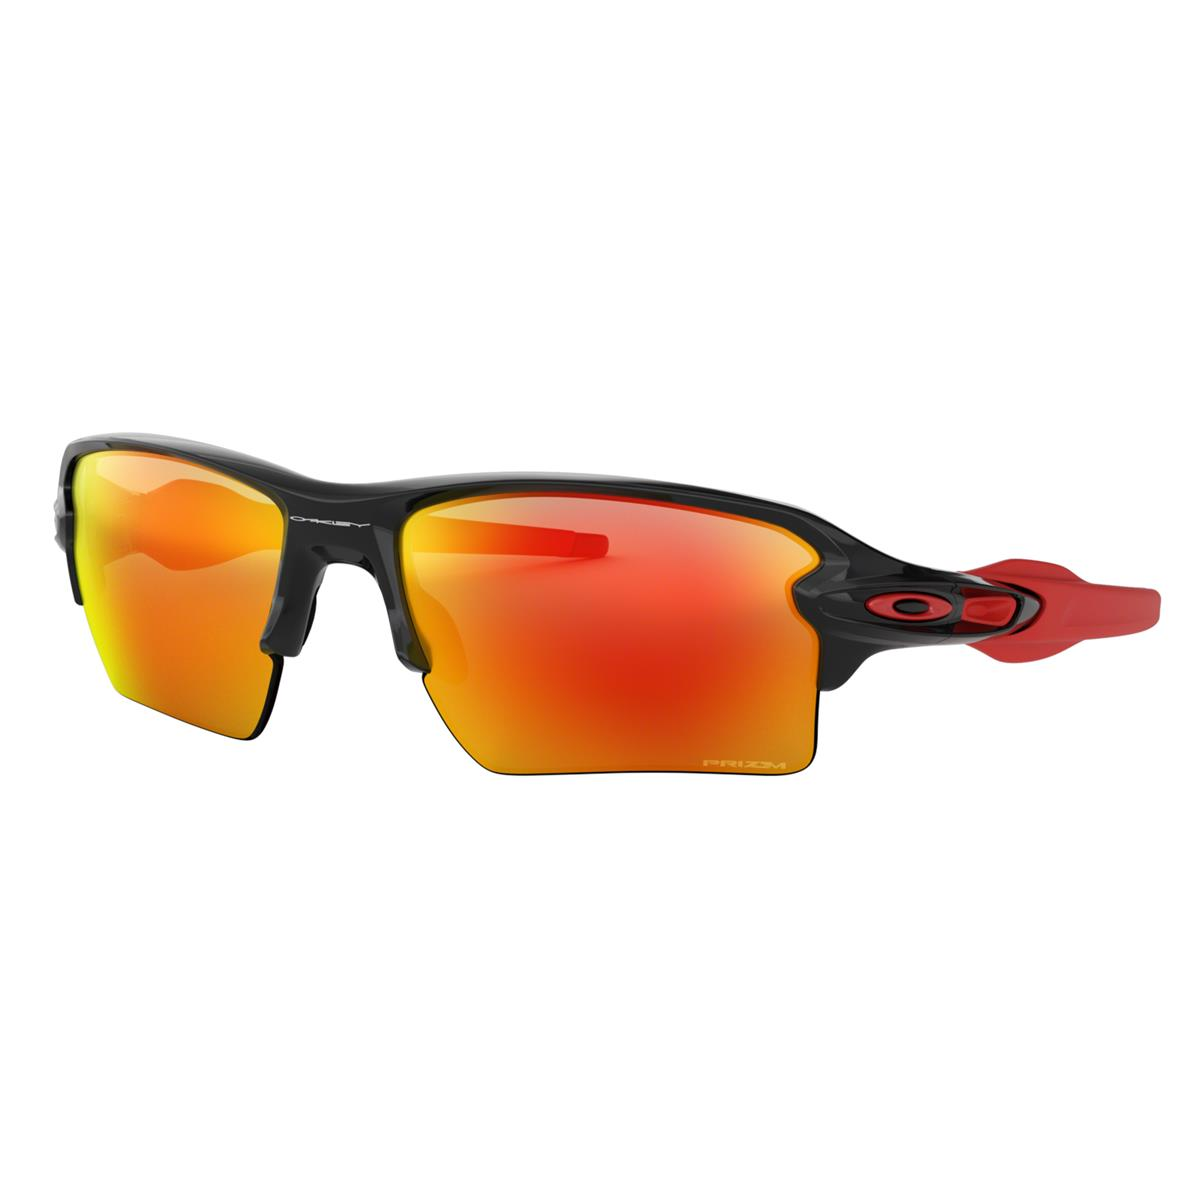 Oakley Sportbrille Flak 2.0 XL Polished Schwarz - Prizm Ruby